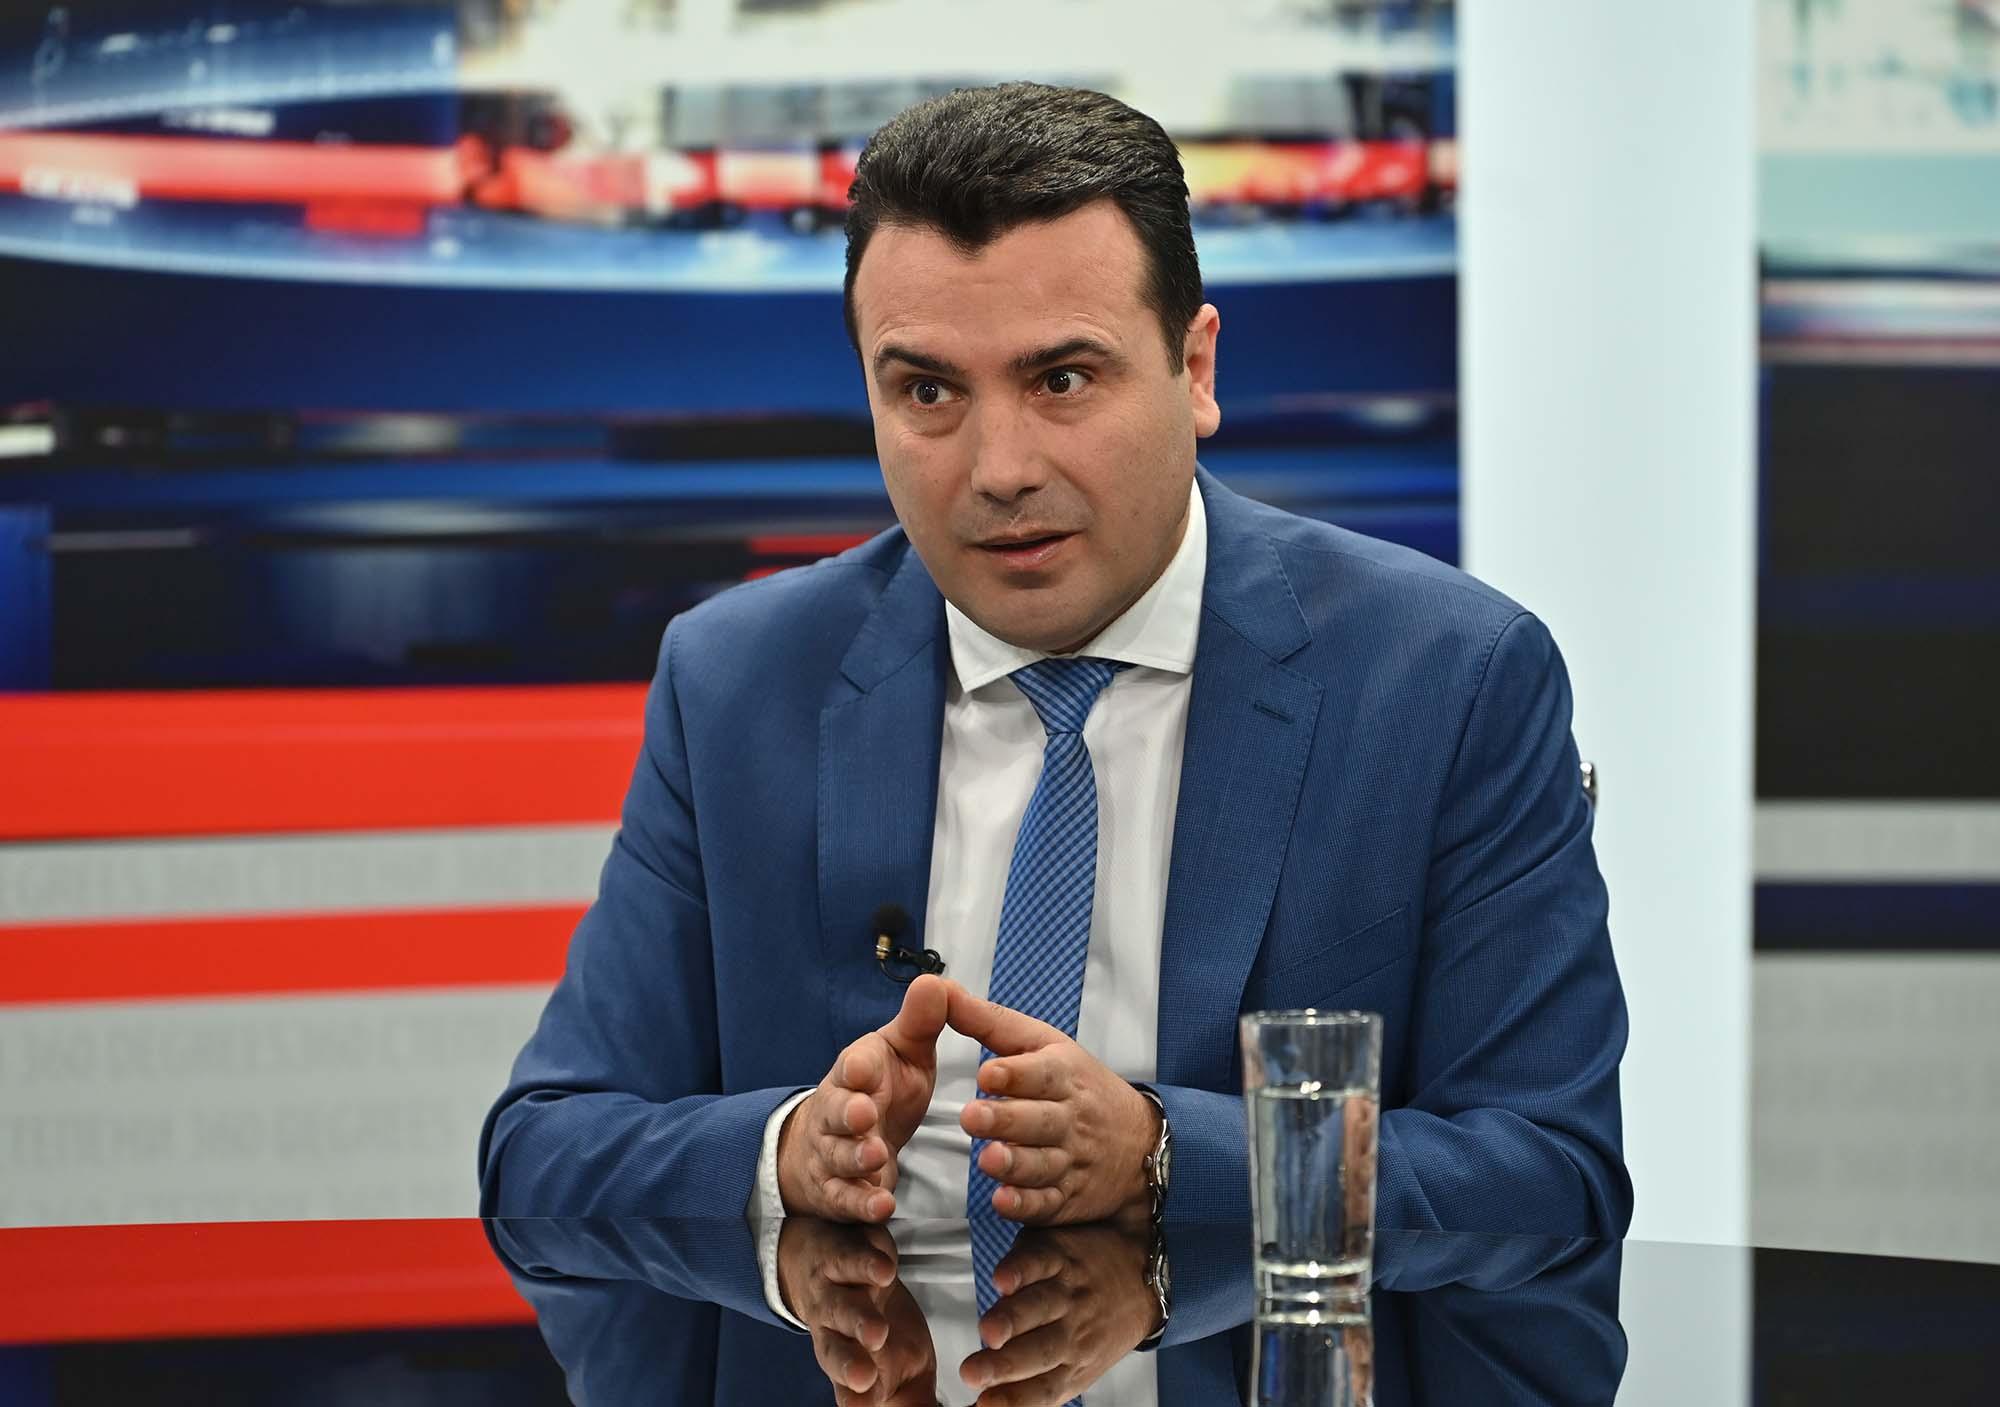 Kërkesa e opozitës, Zaev: Nuk do të ketë zgjedhje të parakohshme